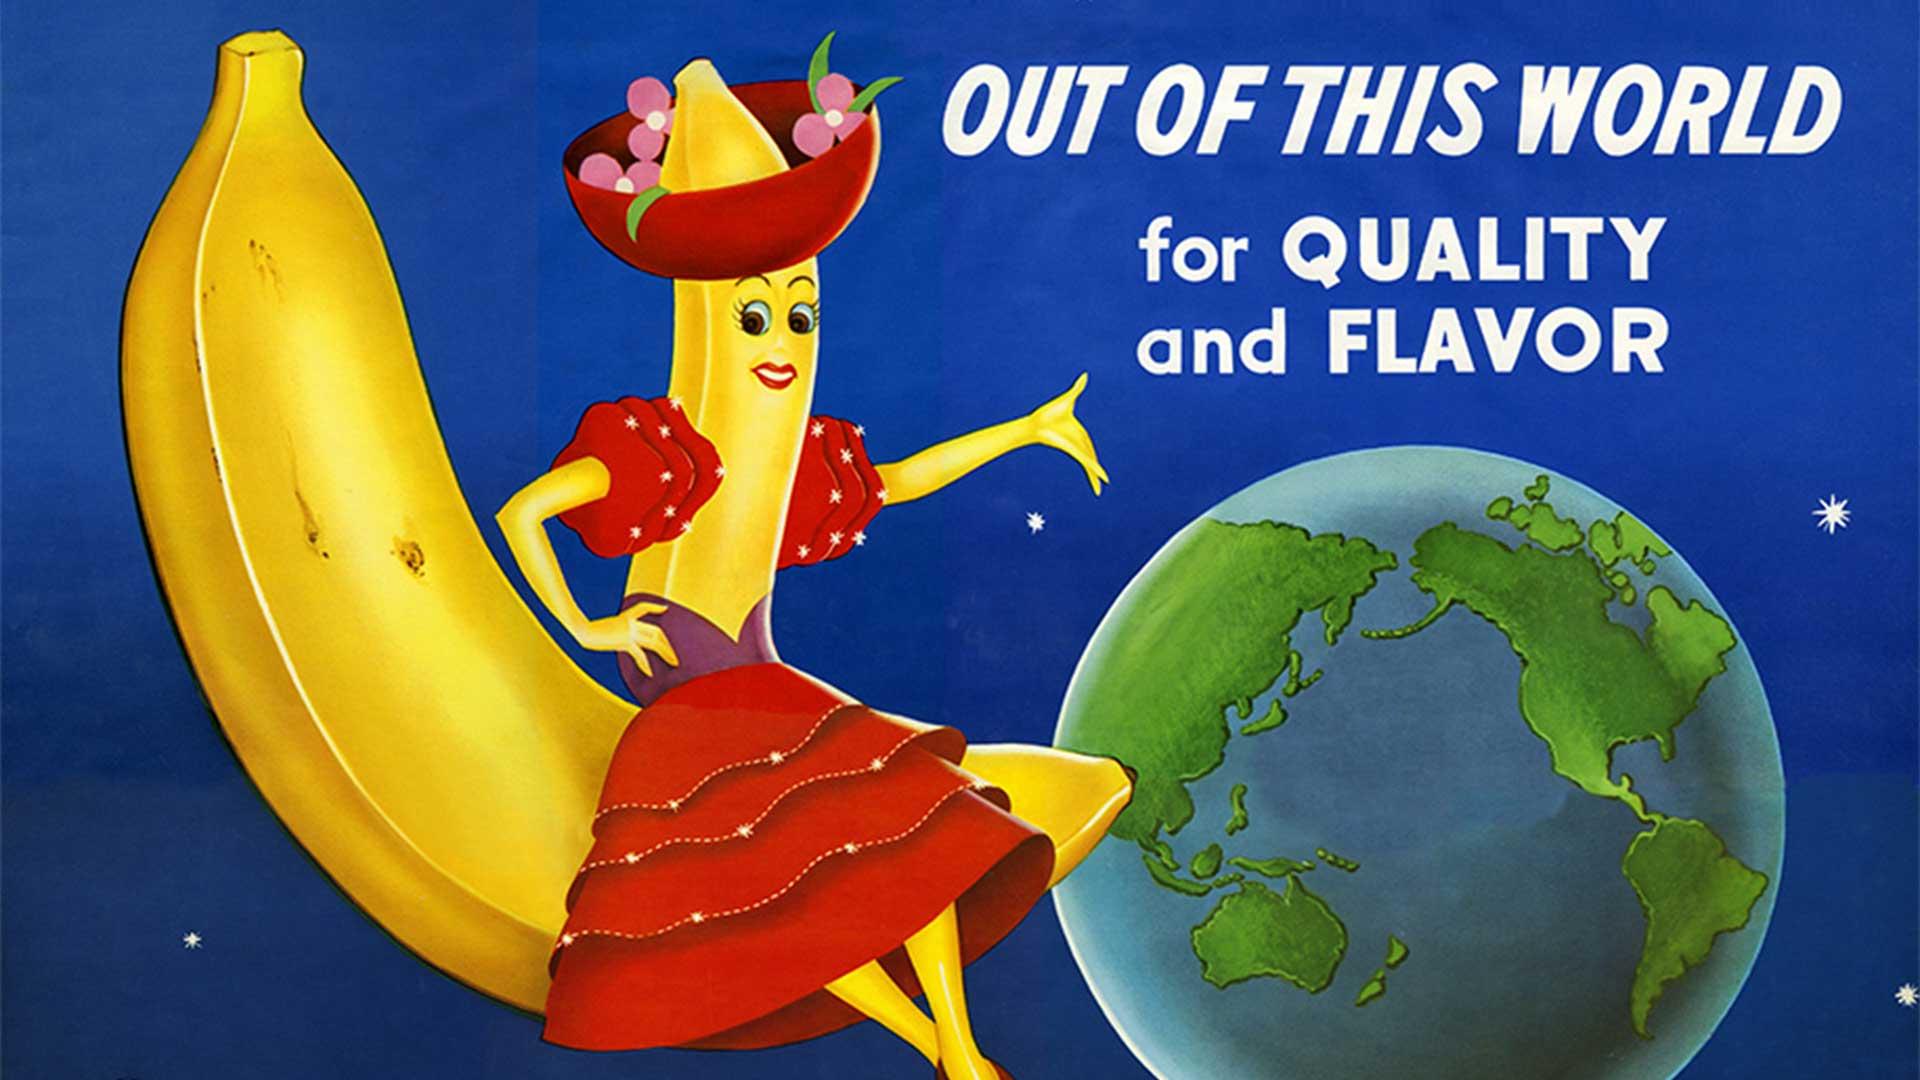 Banana Miss Chiquita